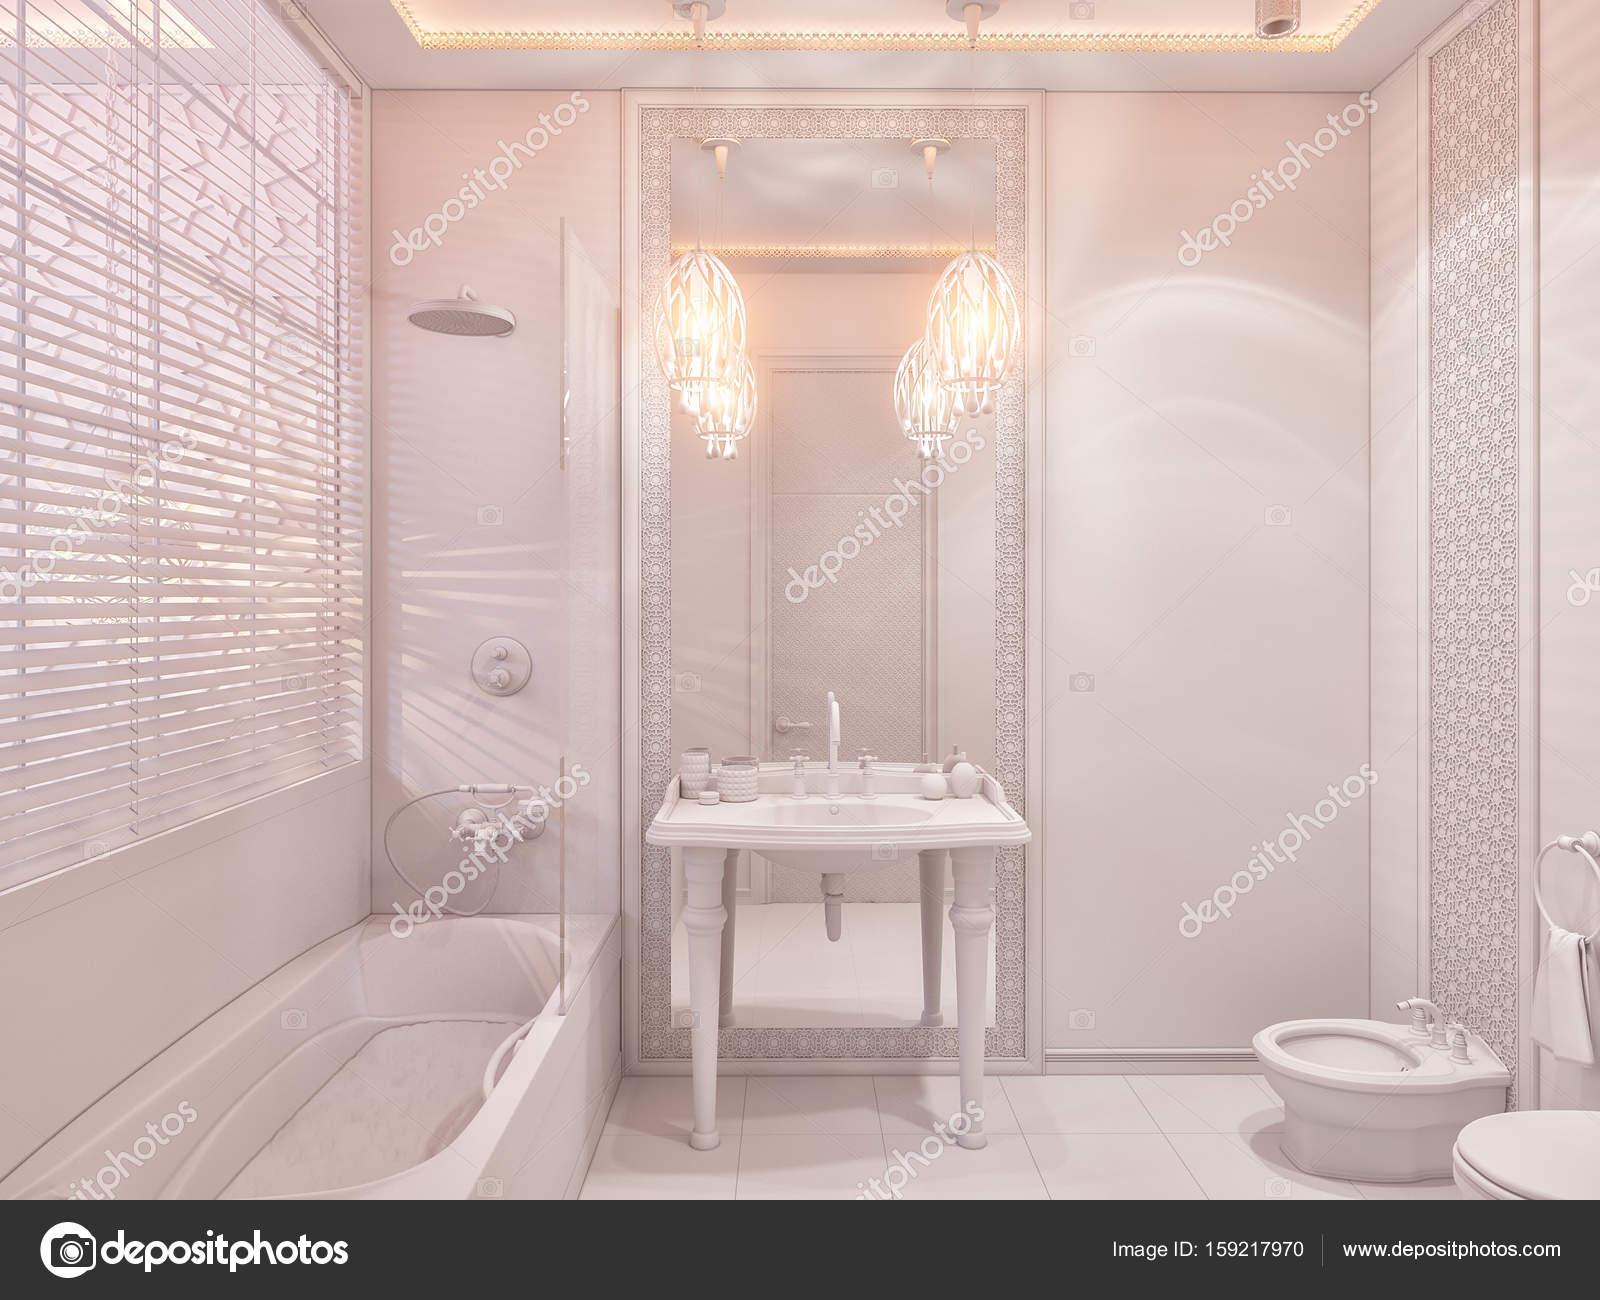 Badkamer Interieur Design : D render badkamer islamitische stijl interieur design u stockfoto